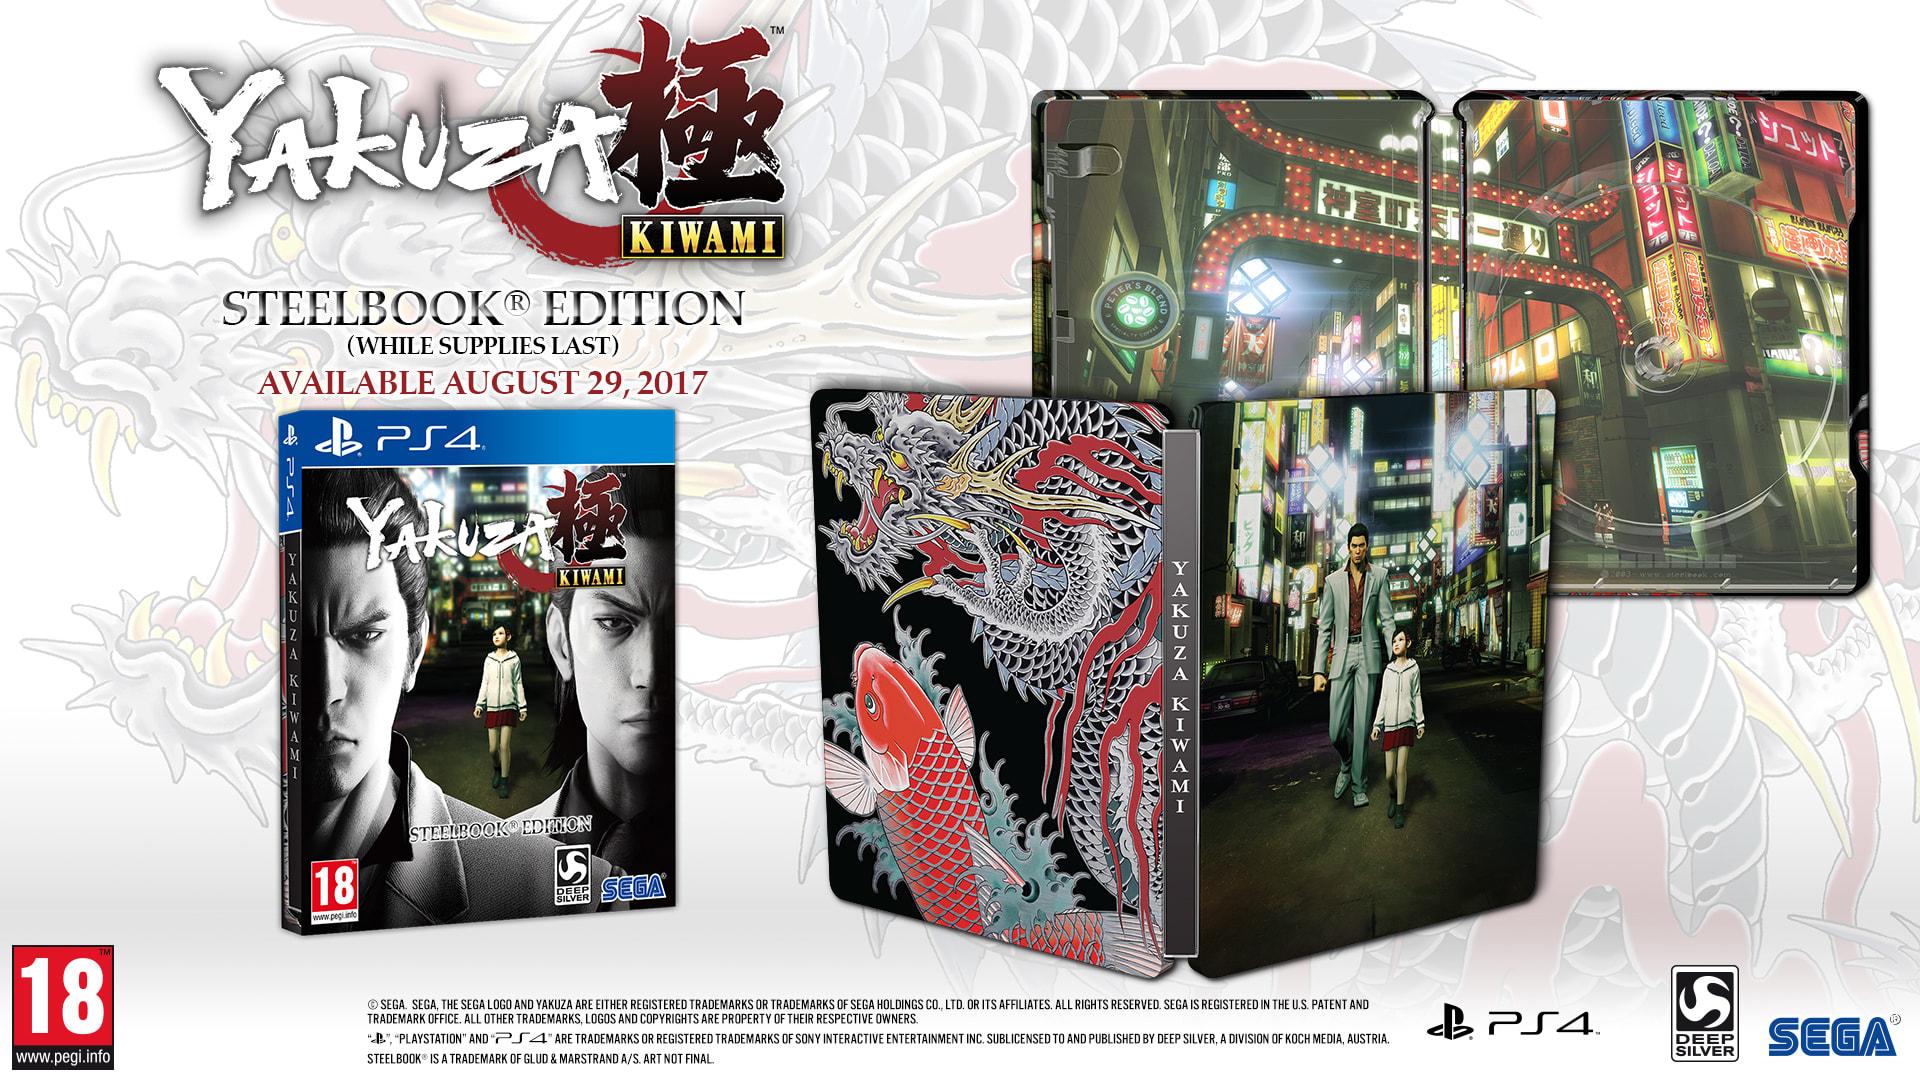 [PS4] Yakuza Kiwami - Steelbook Edition - £17.99 - Game